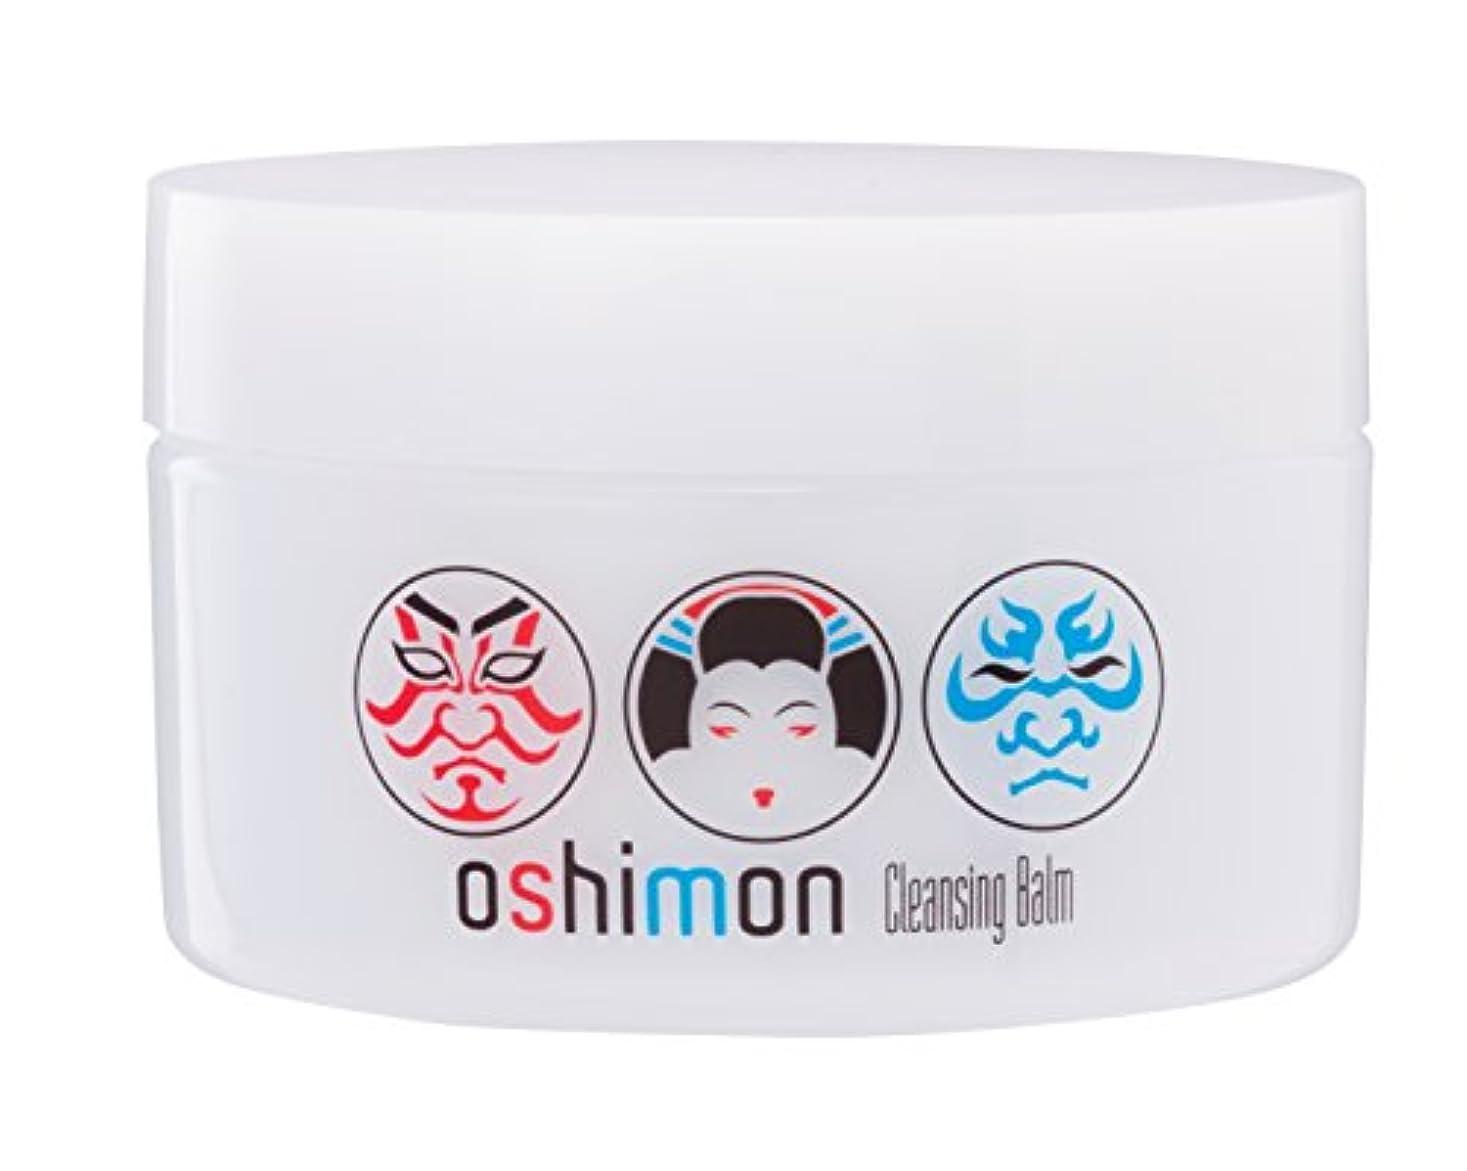 すずめ誕生日誕生日OSHIMON クレンジングバーム 80g